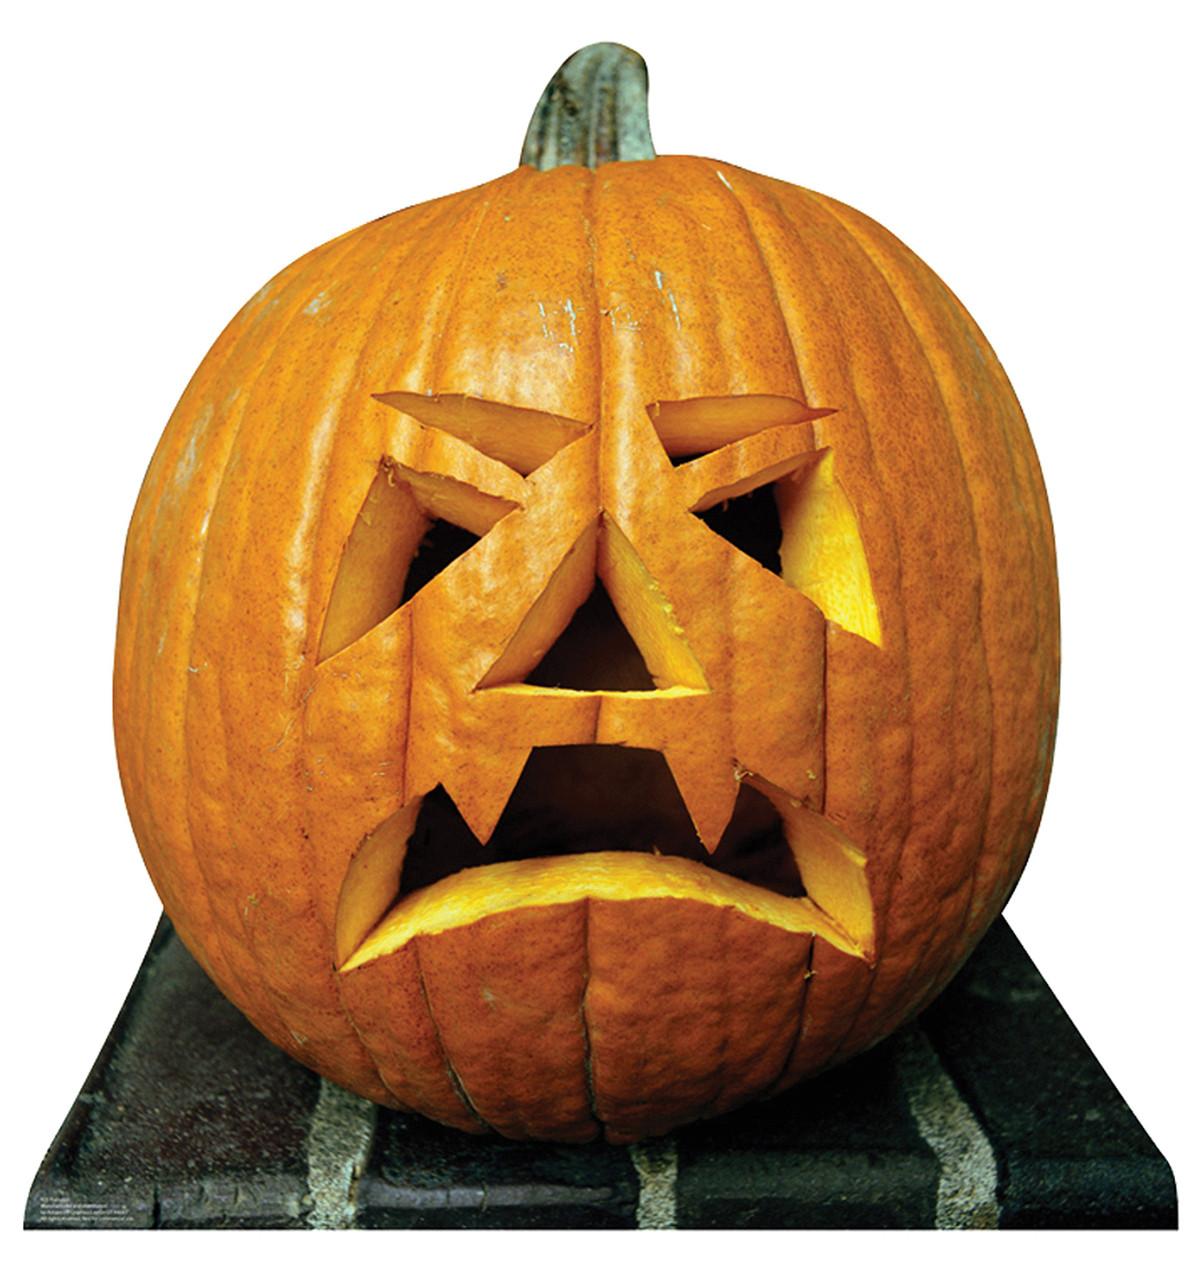 Jack-o'-lantern Pumpkin - Cardboard Cutout 923